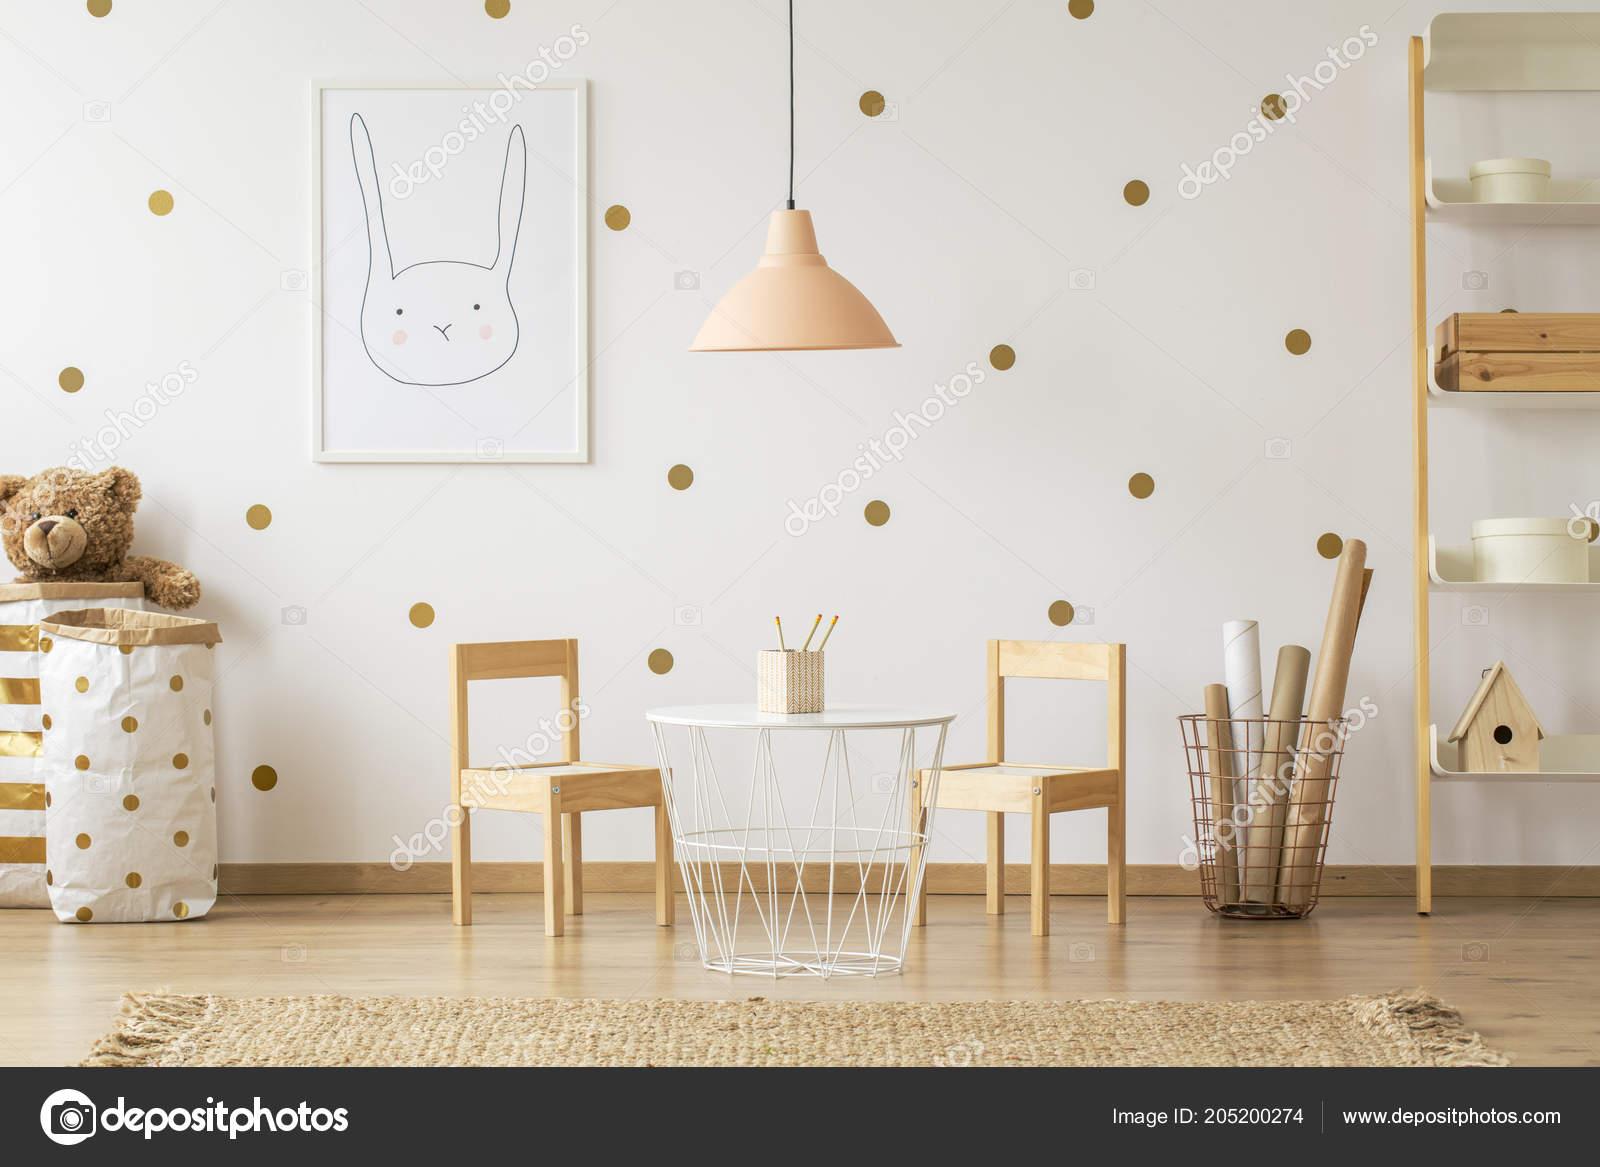 Pastel Lampe Tableau Entre Chaises Intérieur Chambre Enfant Avec ...